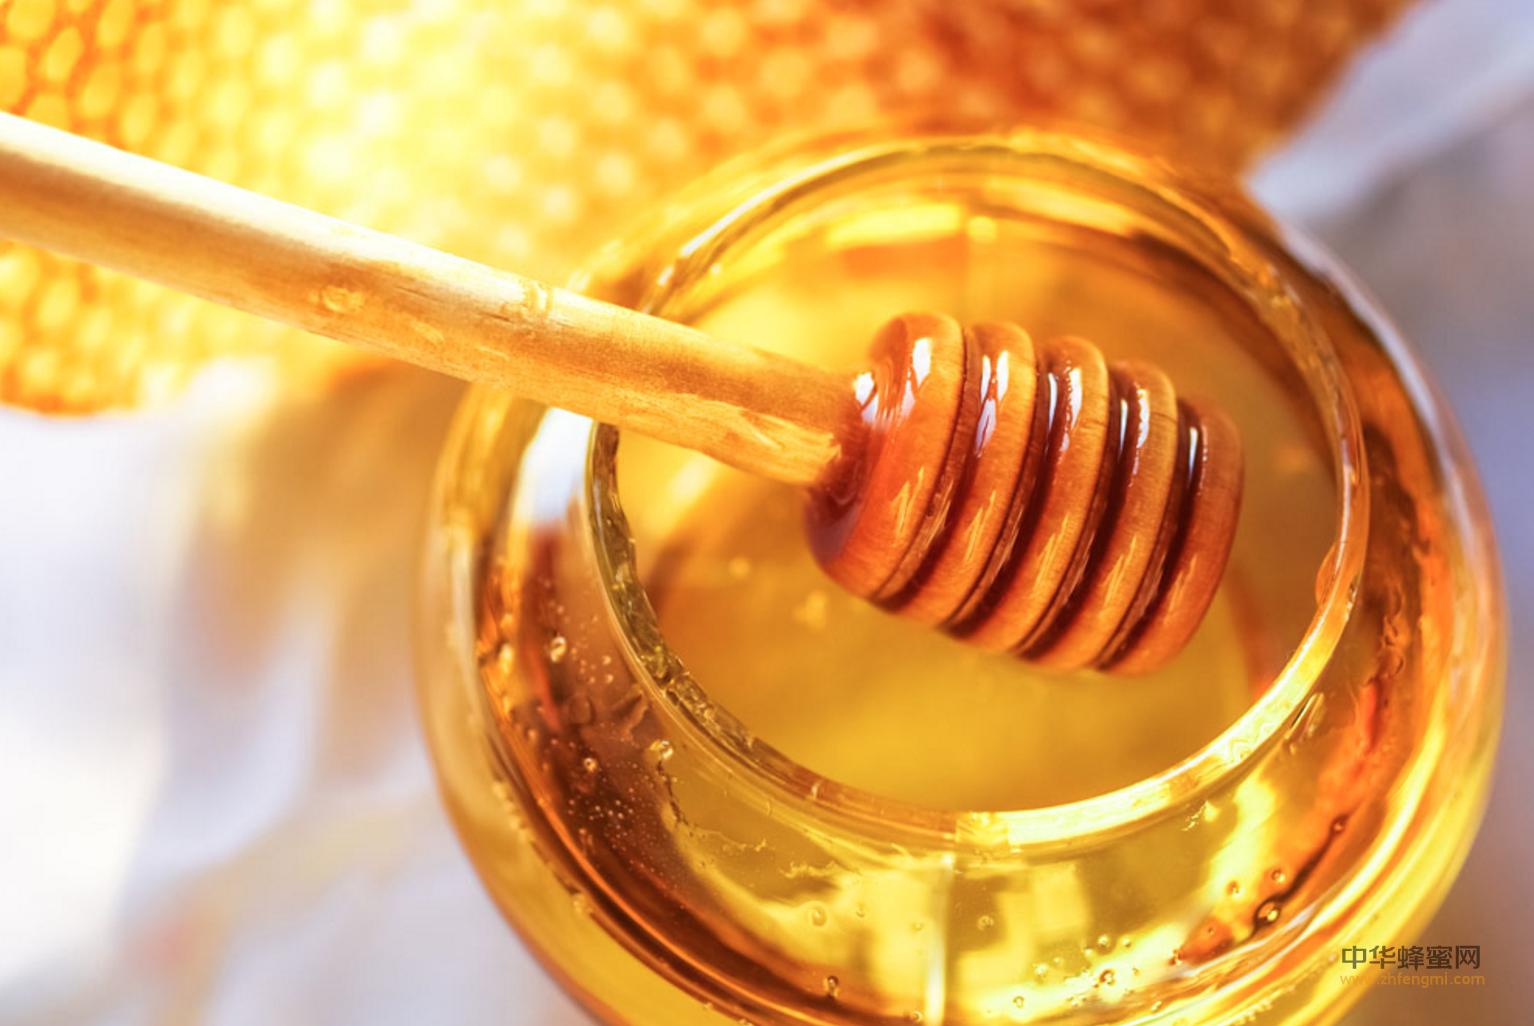 葱 方法 蜂蜜检测仪 孕妇蜂蜜 蜂蜜罐子